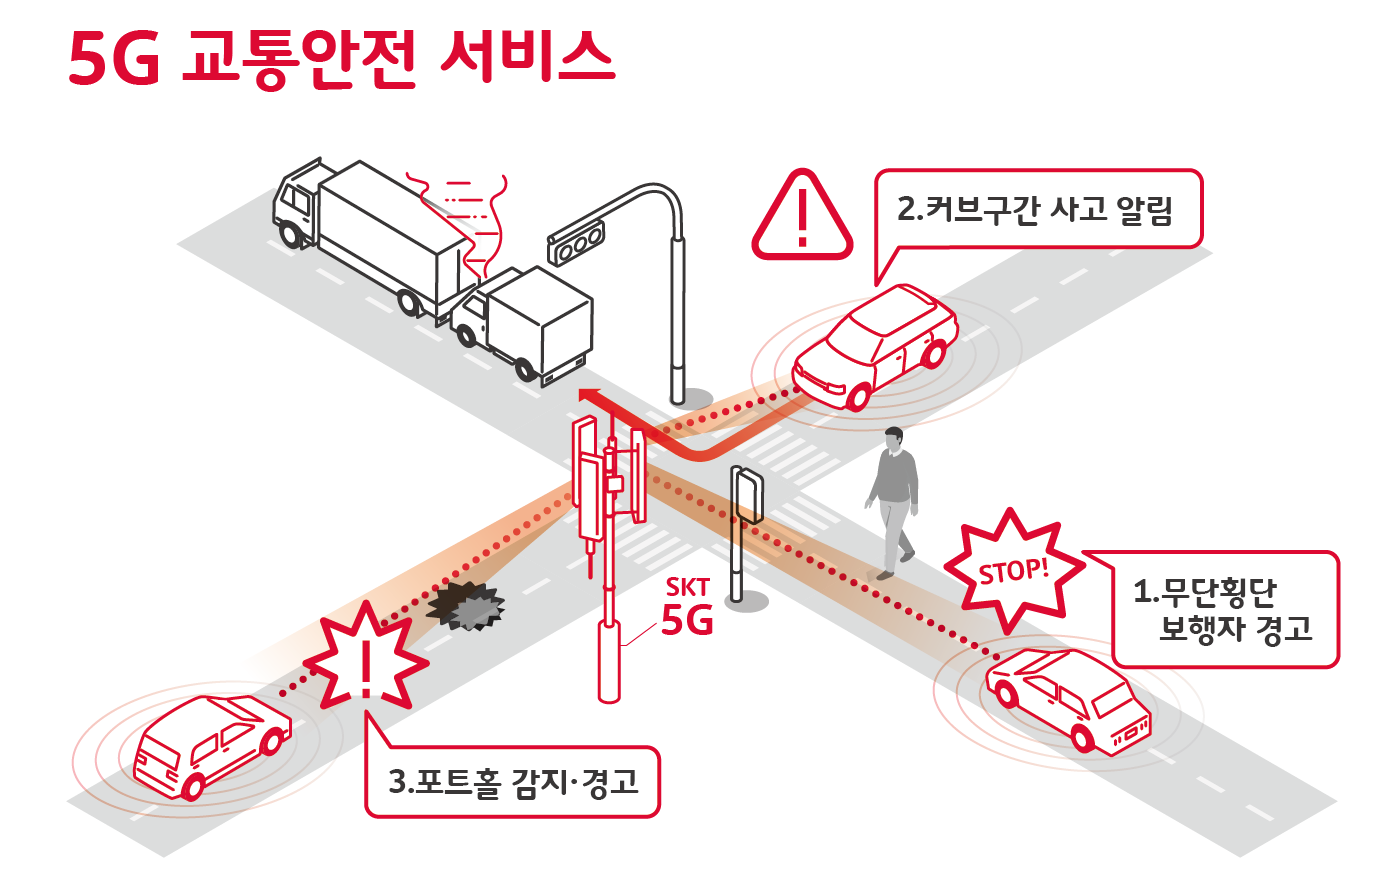 5G가 무단횡단 경고하고, 응급차 길 열어준다